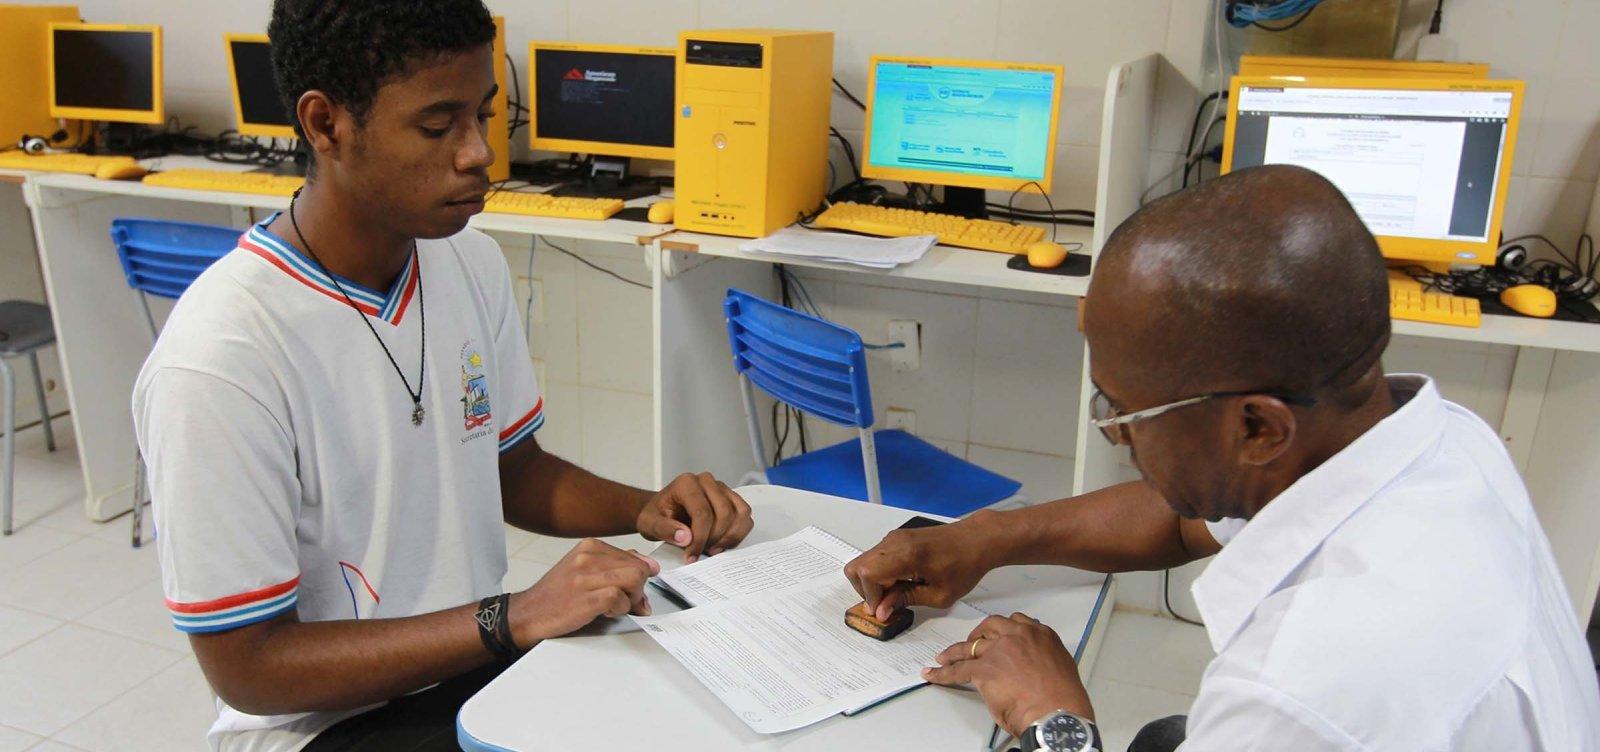 [Renovação de matrícula na rede estadual de ensino começa no dia 26 de novembro]